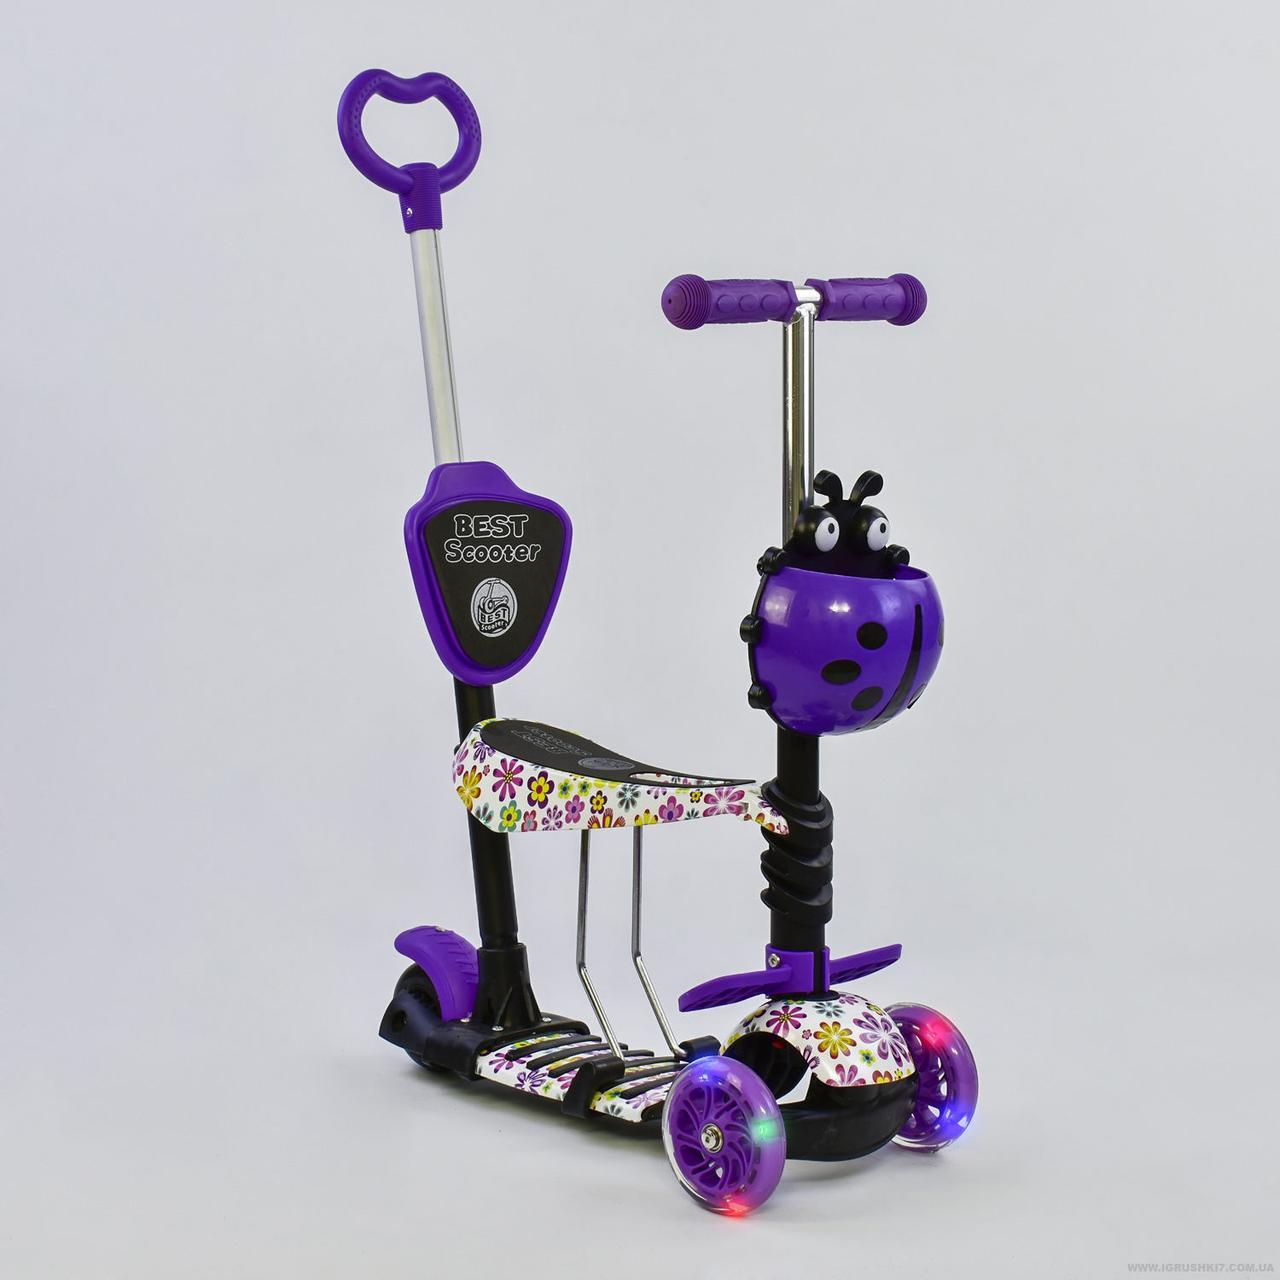 Самокат 5в1 Best Scooter 97240, Абстракция, PU колеса, Подсветка Колес